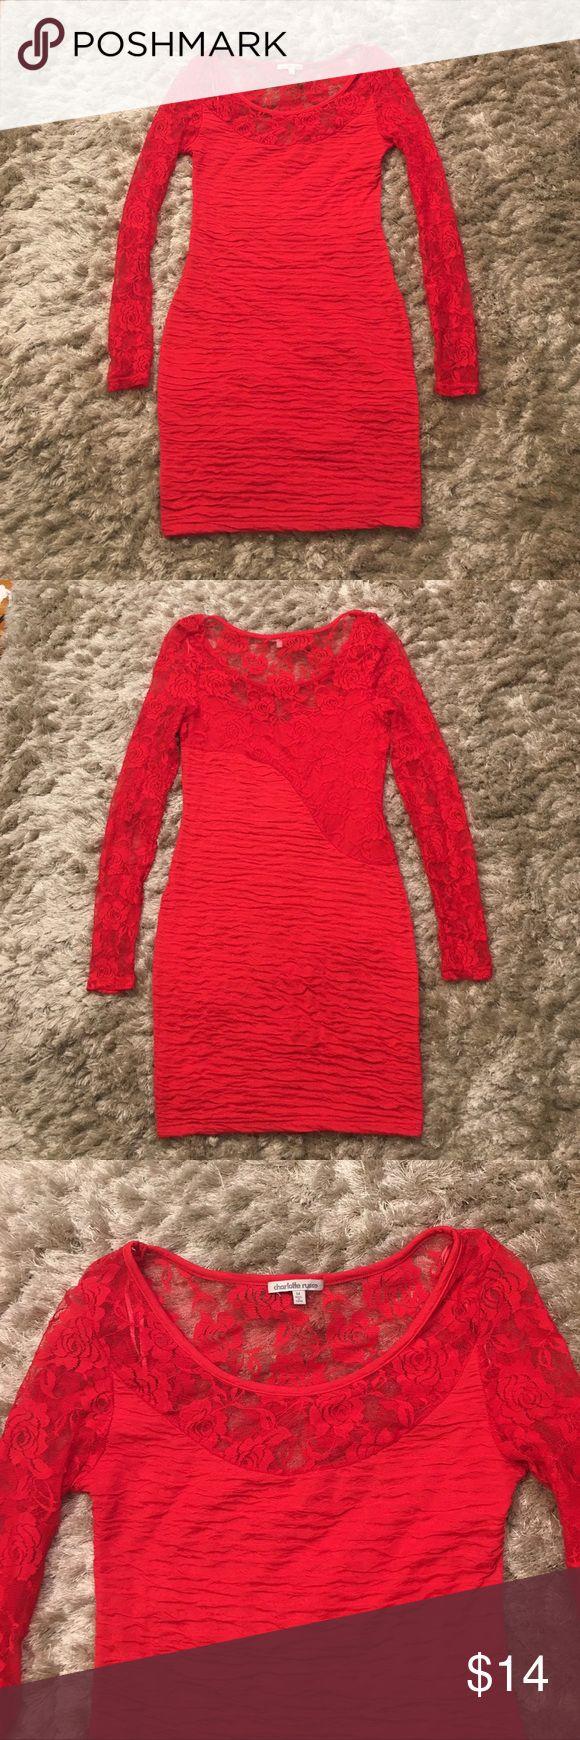 17 best Evening Dress images on Pinterest   Ballroom dress, Cute ...